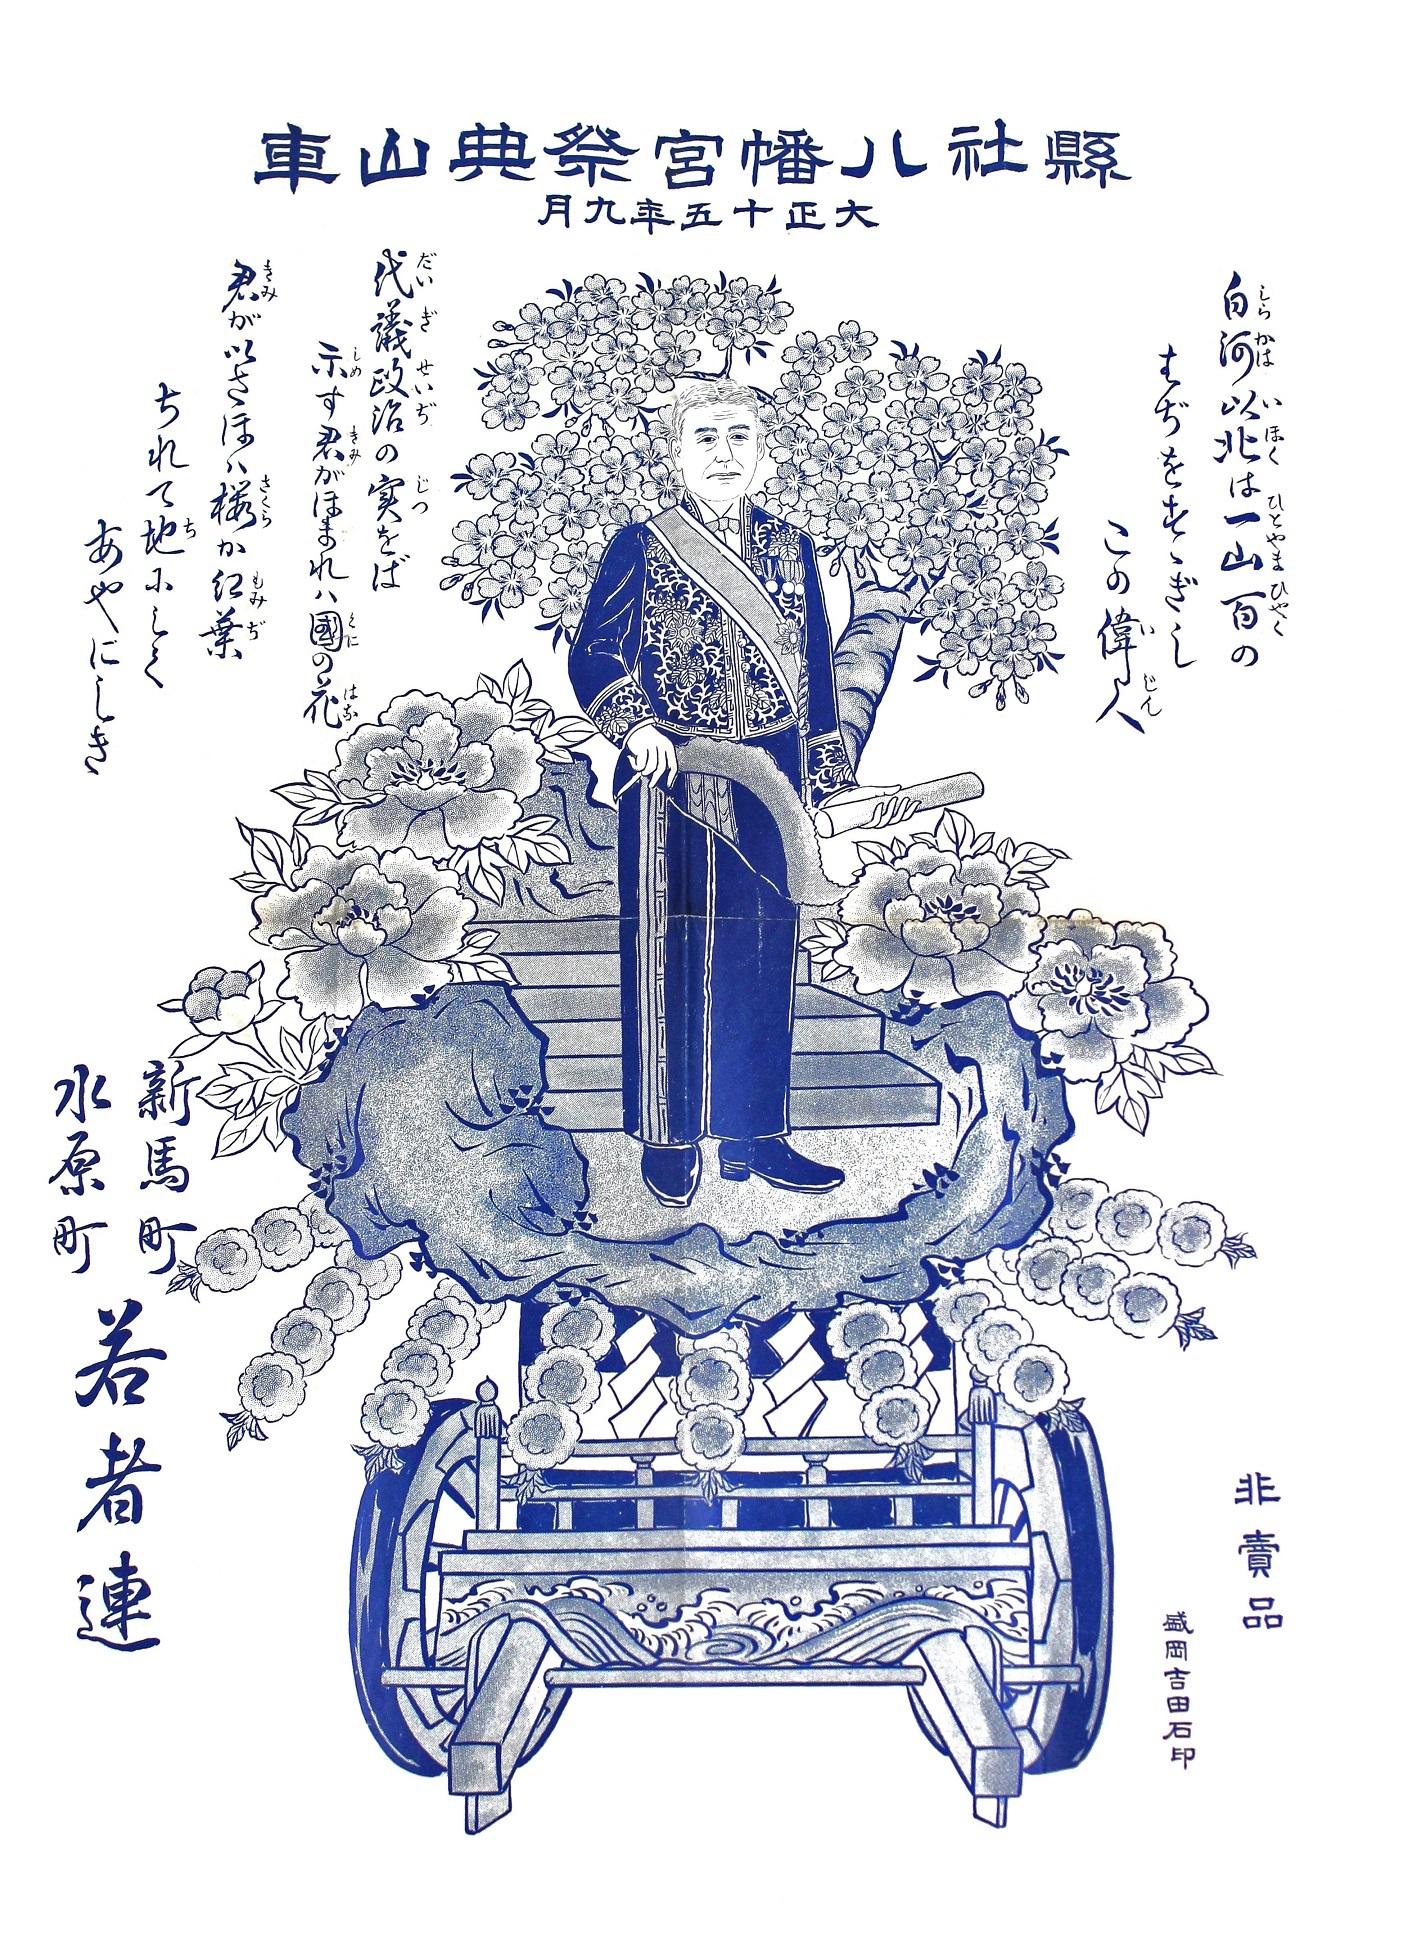 1926kawaramachibandsuke.jpg